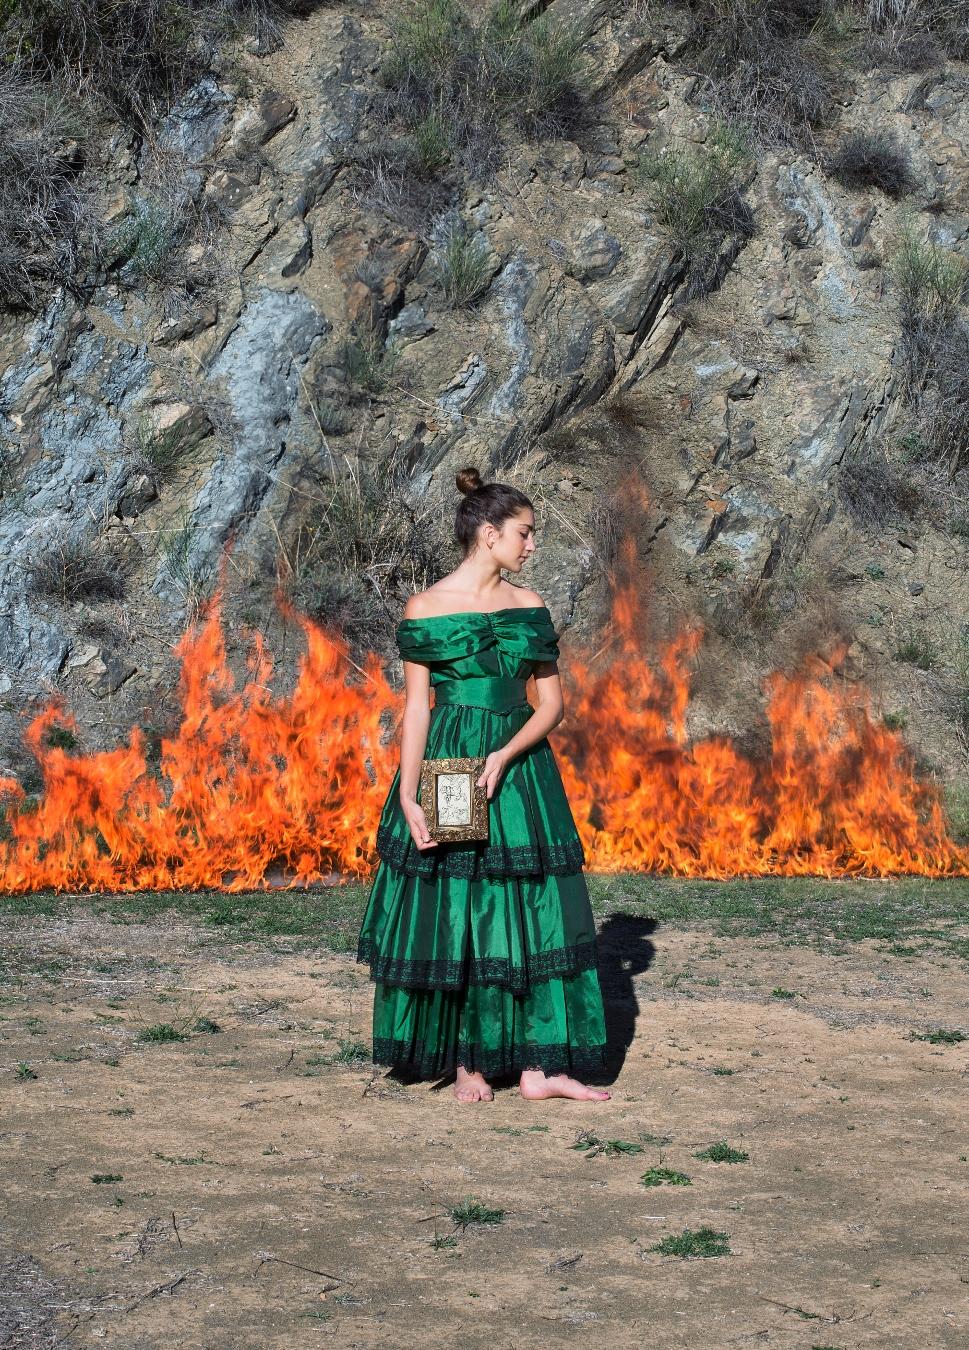 Quando infuocata come sono rimango e amata dal fuoco (Ingeborg Bachmann)